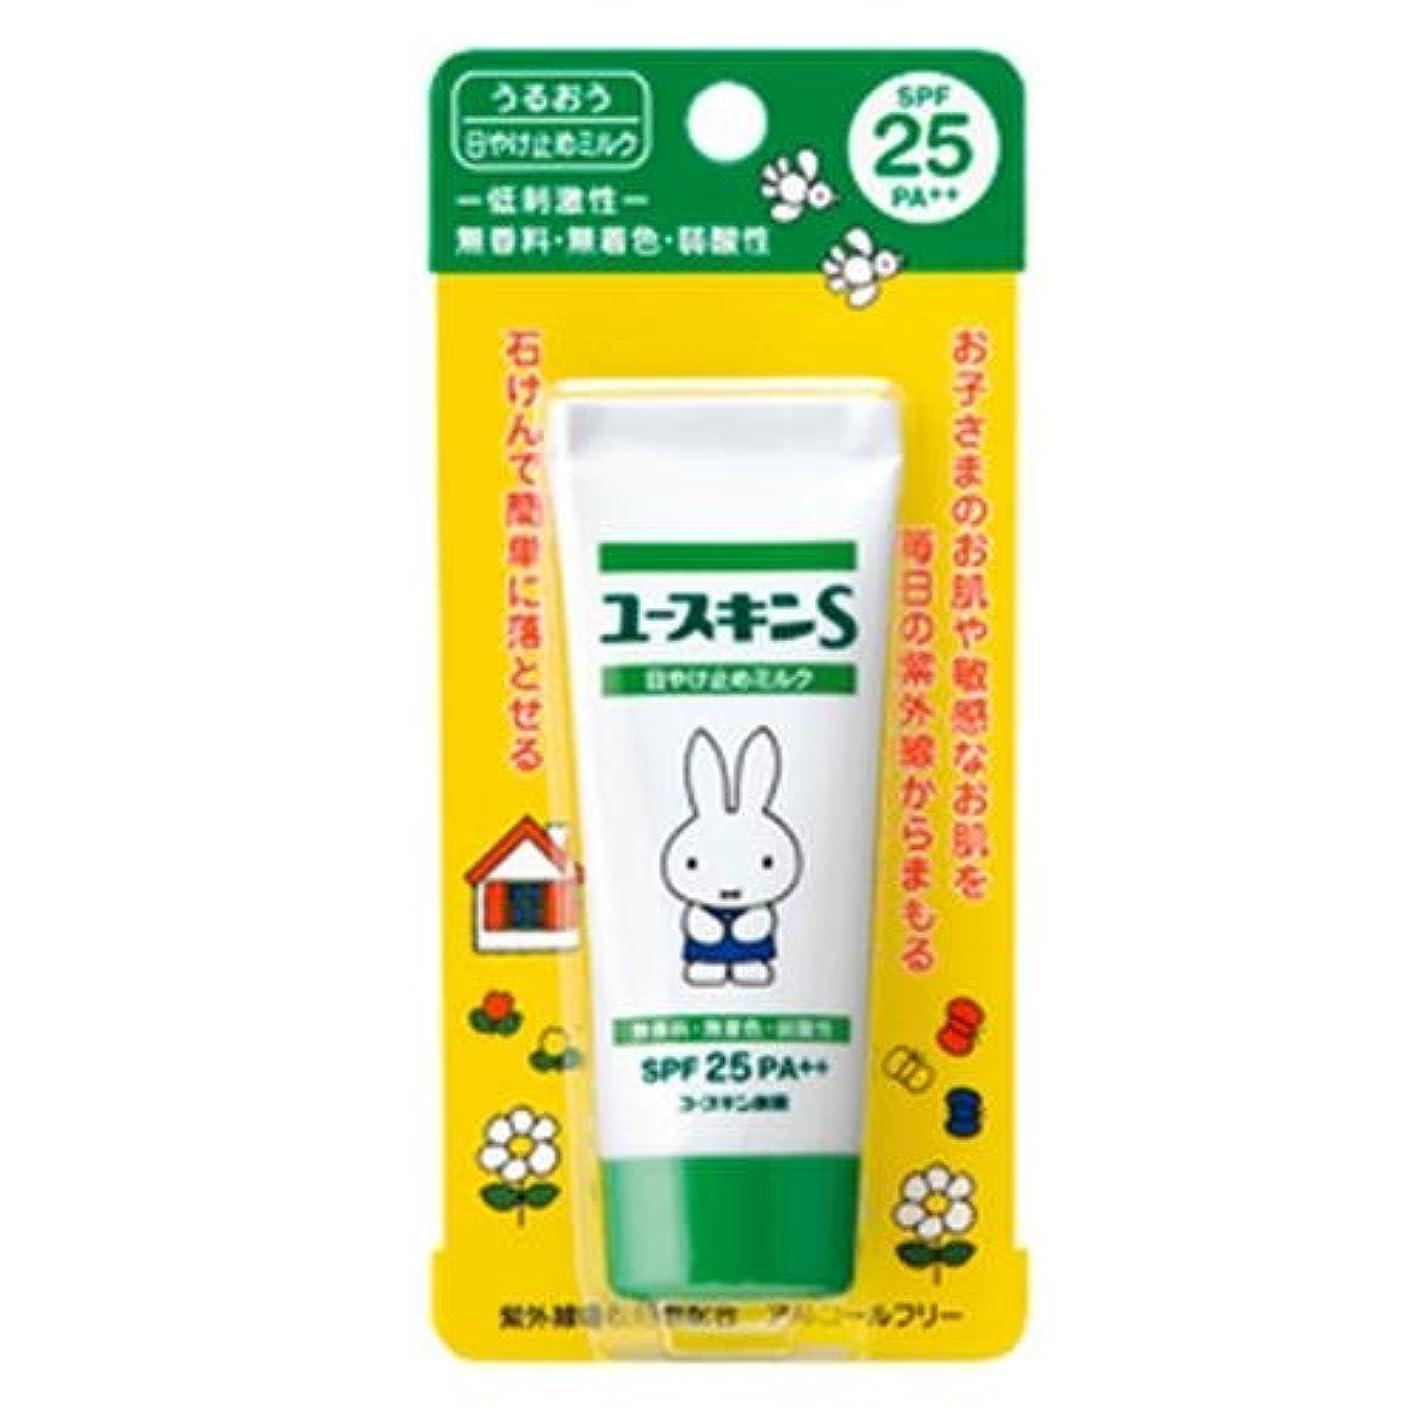 該当する検証ちょうつがいユースキンS UVミルク SPF25 PA++ 40g (敏感肌用 日焼け止め)